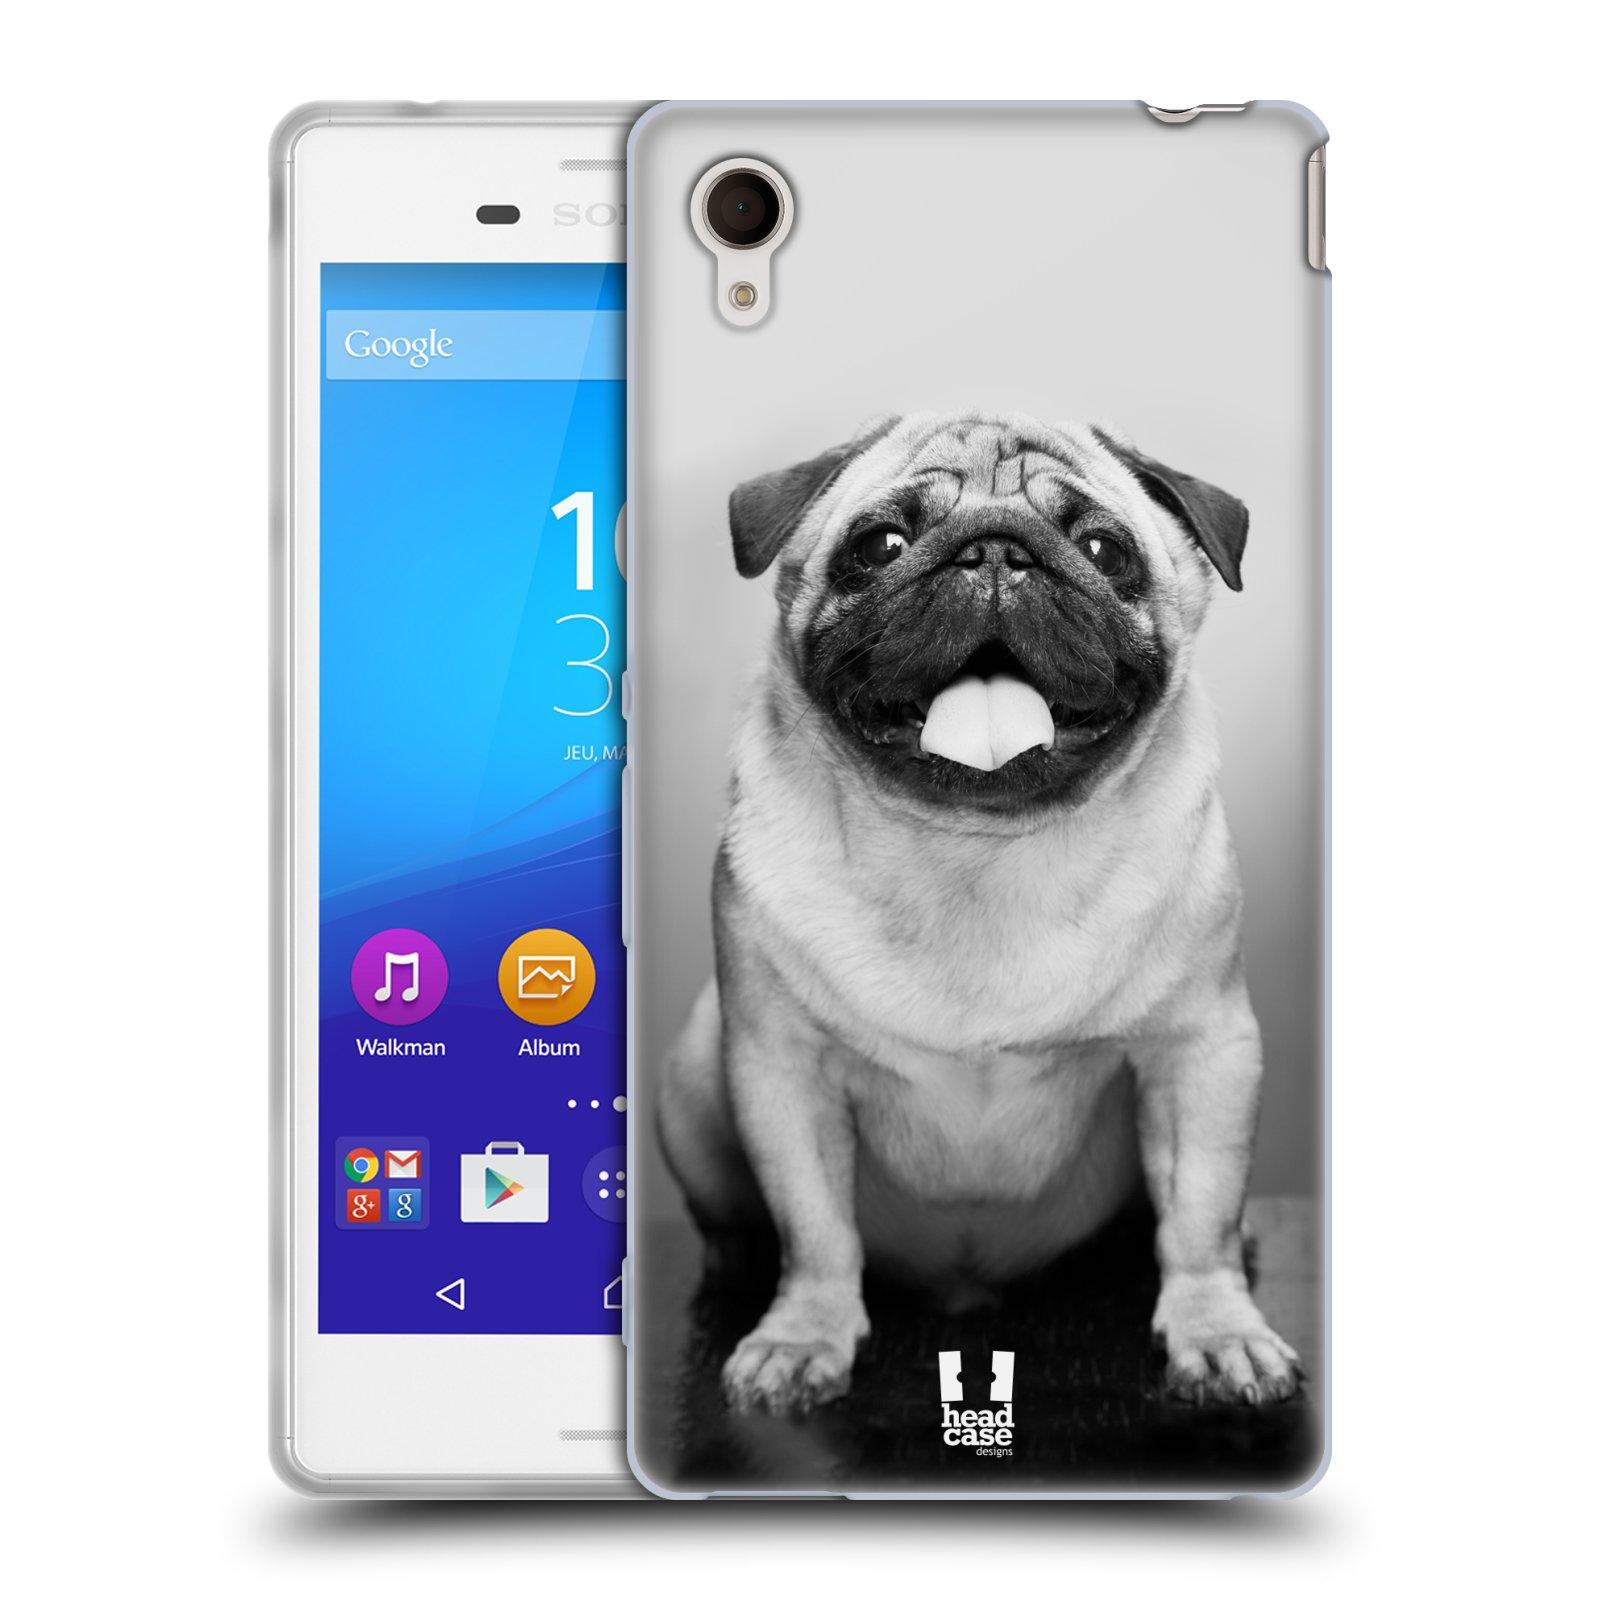 Silikonové pouzdro na mobil Sony Xperia M4 Aqua E2303 HEAD CASE MOPSÍK (Silikonový kryt či obal na mobilní telefon Sony Xperia M4 Aqua a M4 Aqua Dual SIM)